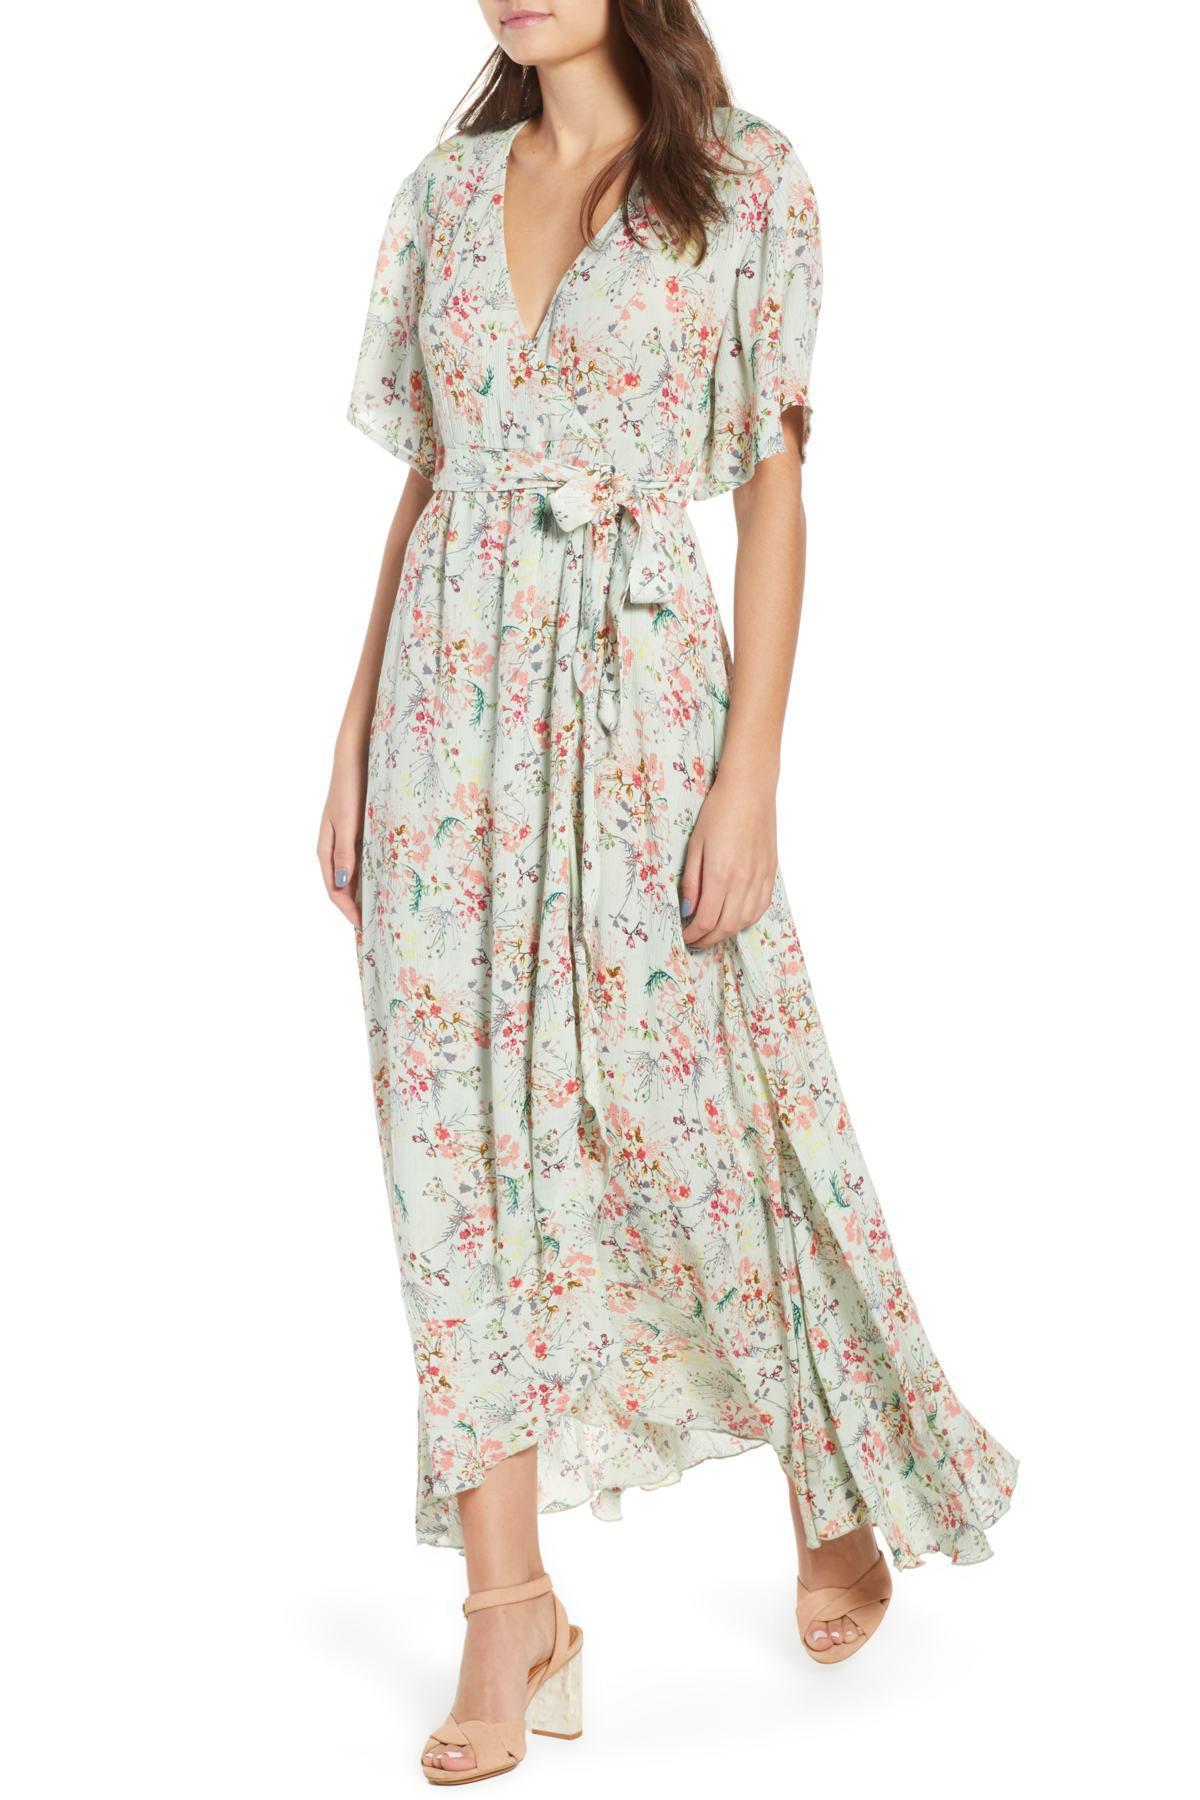 47b5c9e1858 Lyst - Raga Secret Escape Floral Faux Wrap Maxi Dress - Save 31%